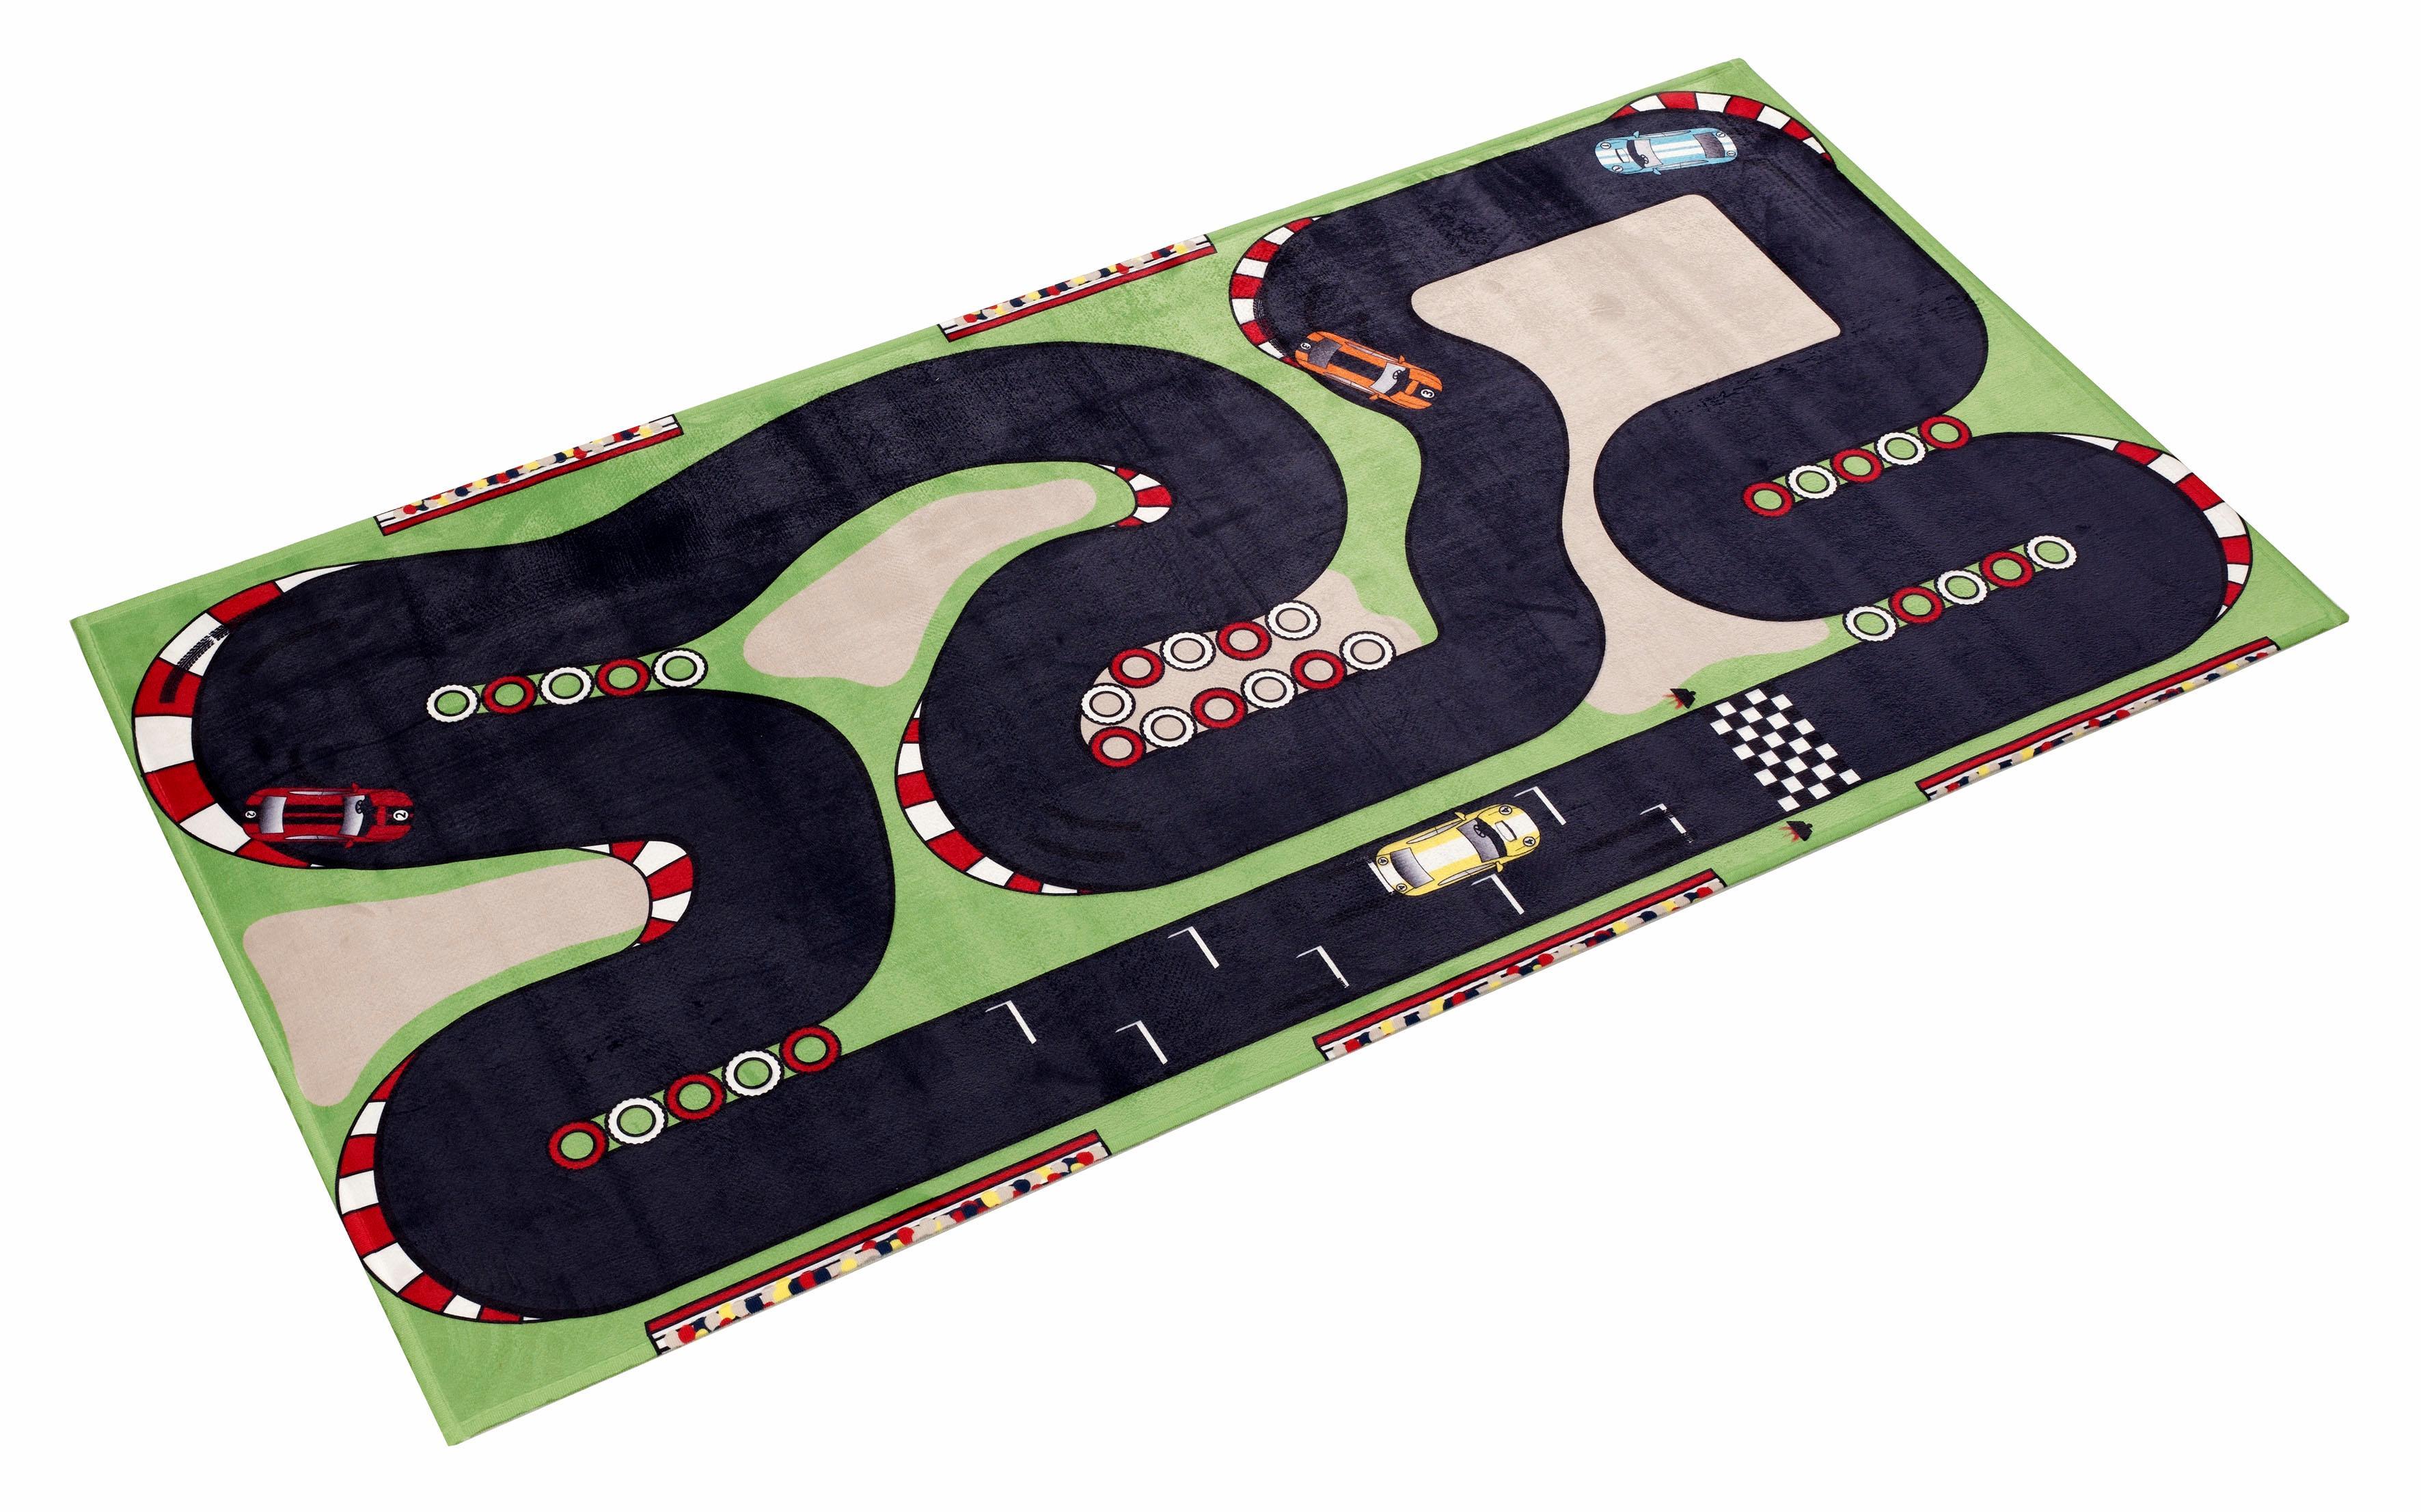 Kinderteppich Lovely Kids 407 Böing Carpet rechteckig Höhe 6 mm gedruckt